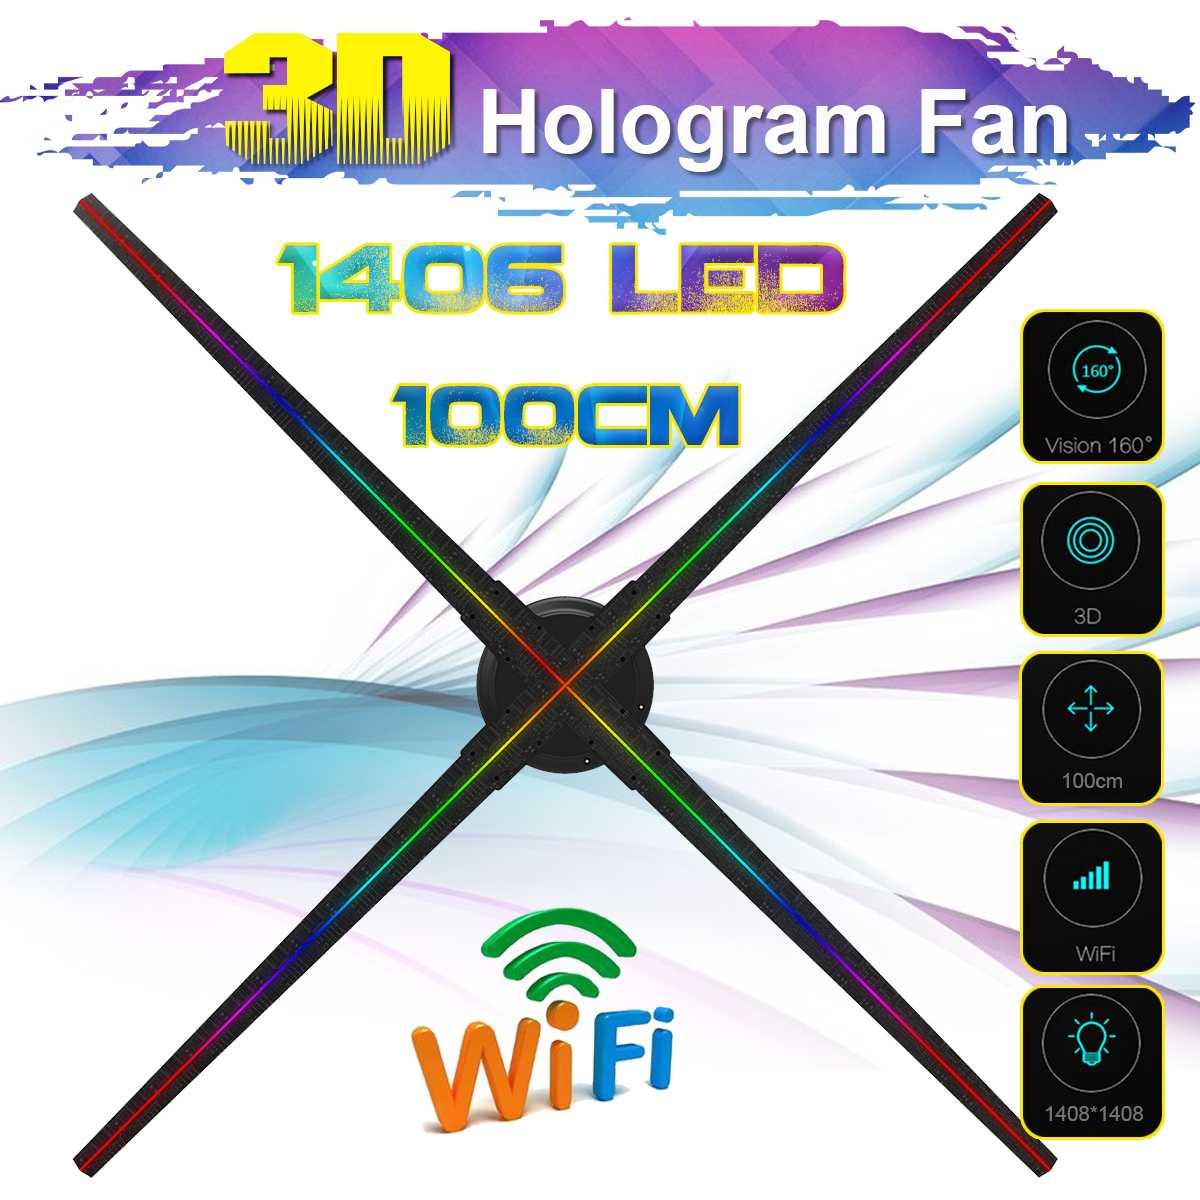 ترقية 100 سنتيمتر Wifi ثلاثية الأبعاد جهاز عرض مجسم الهولوغرام لاعب LED عرض مروحة الإعلان ضوء APP التحكم مع بطارية في الهواء الطلق